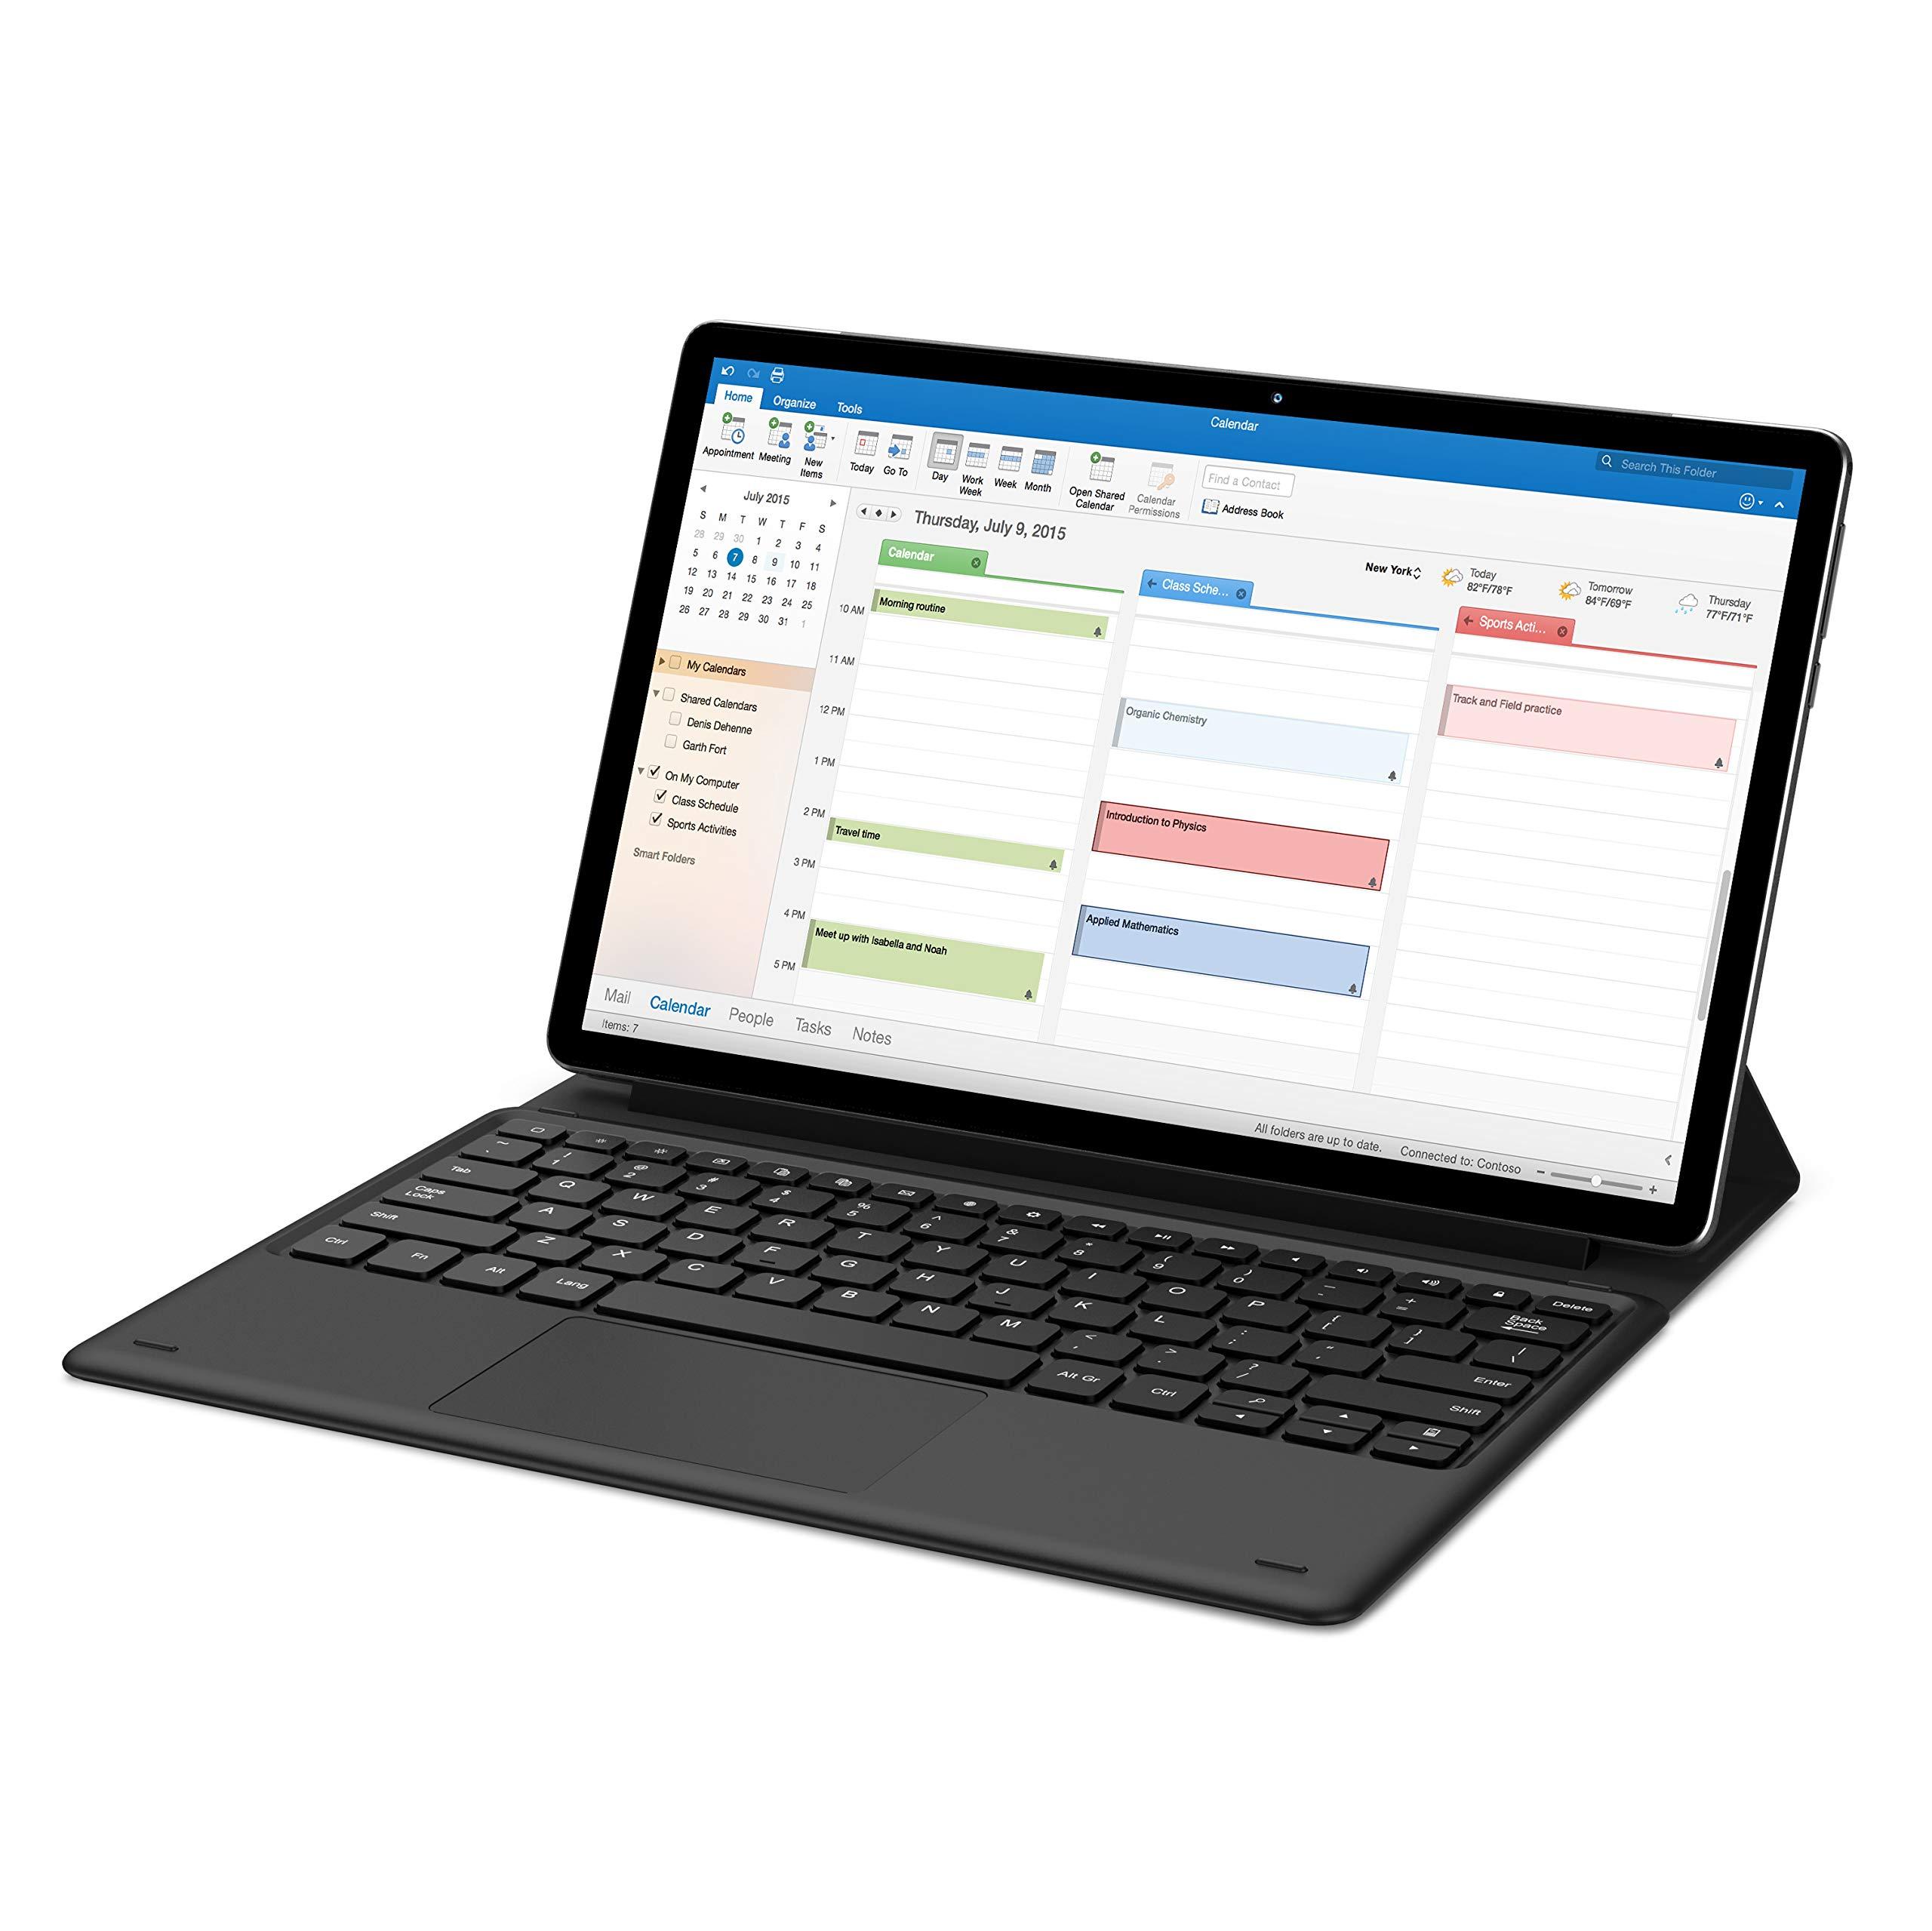 TECLAST TLM16 Teclados para Tablet PC M16 Teclado Inalámbrico Portátil Ultraligero y Delgado para TECLAST Tablet M16: Amazon.es: Informática